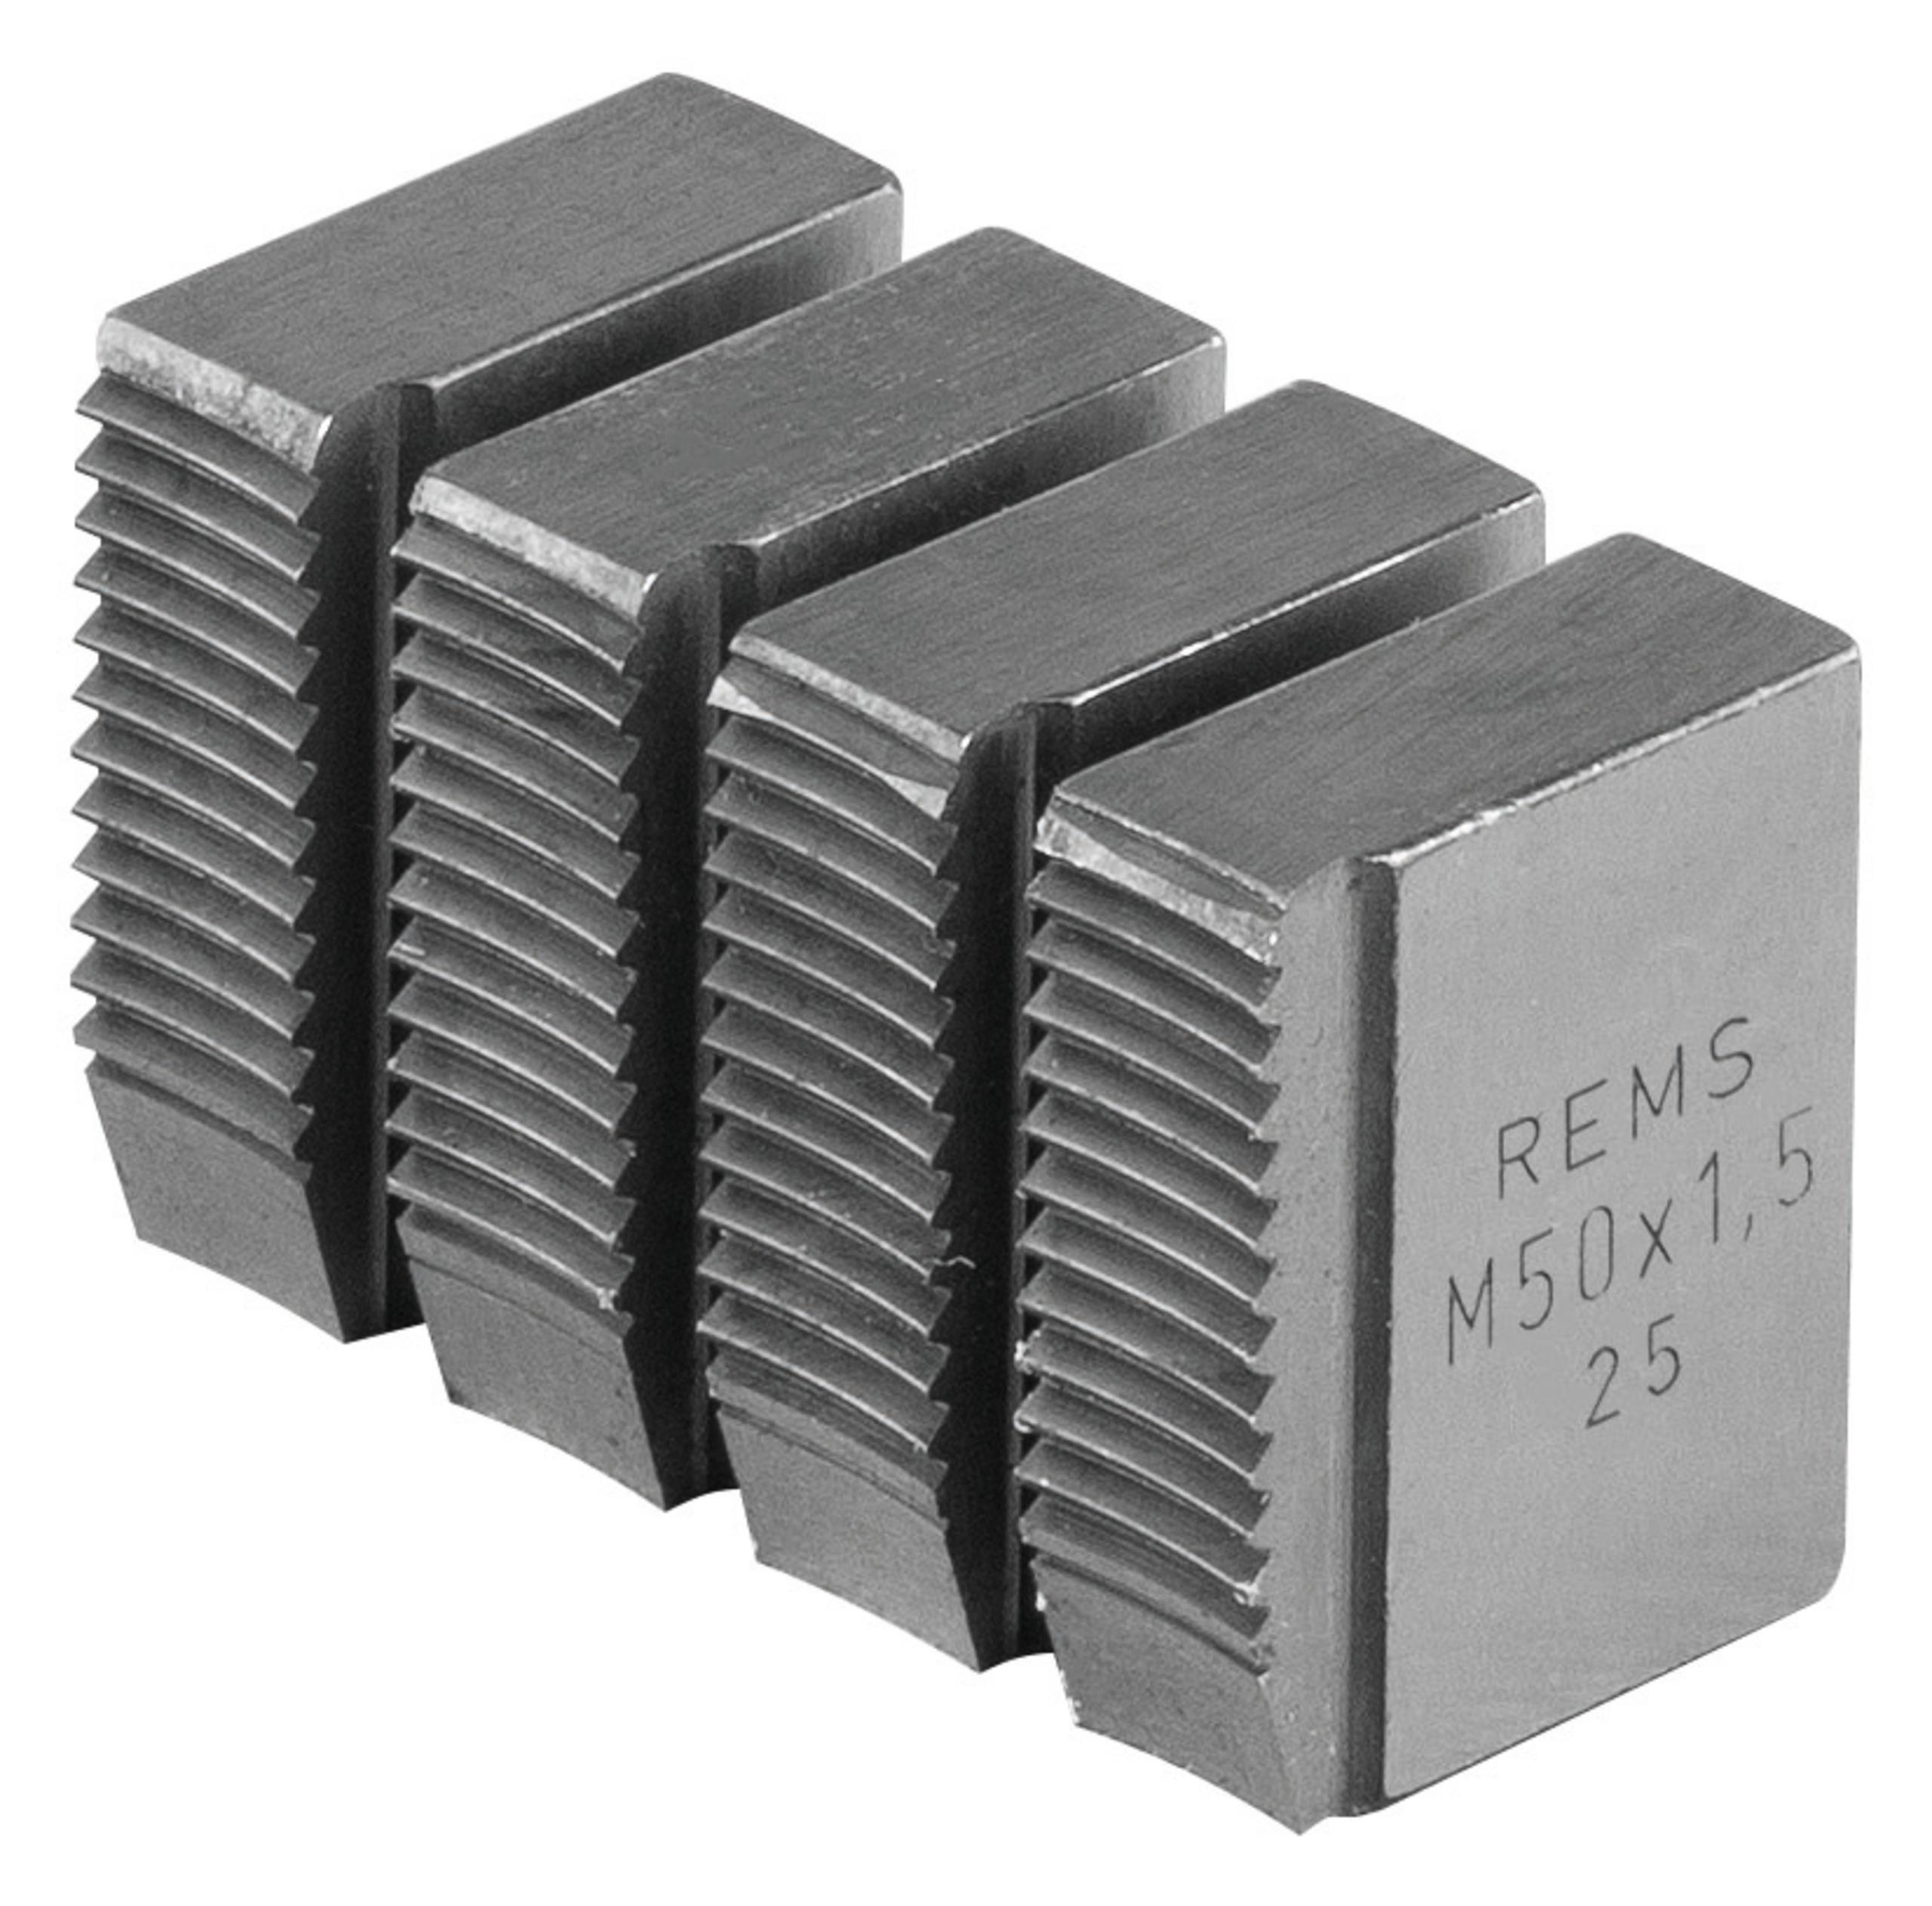 <br/>Dies M 50 x 1